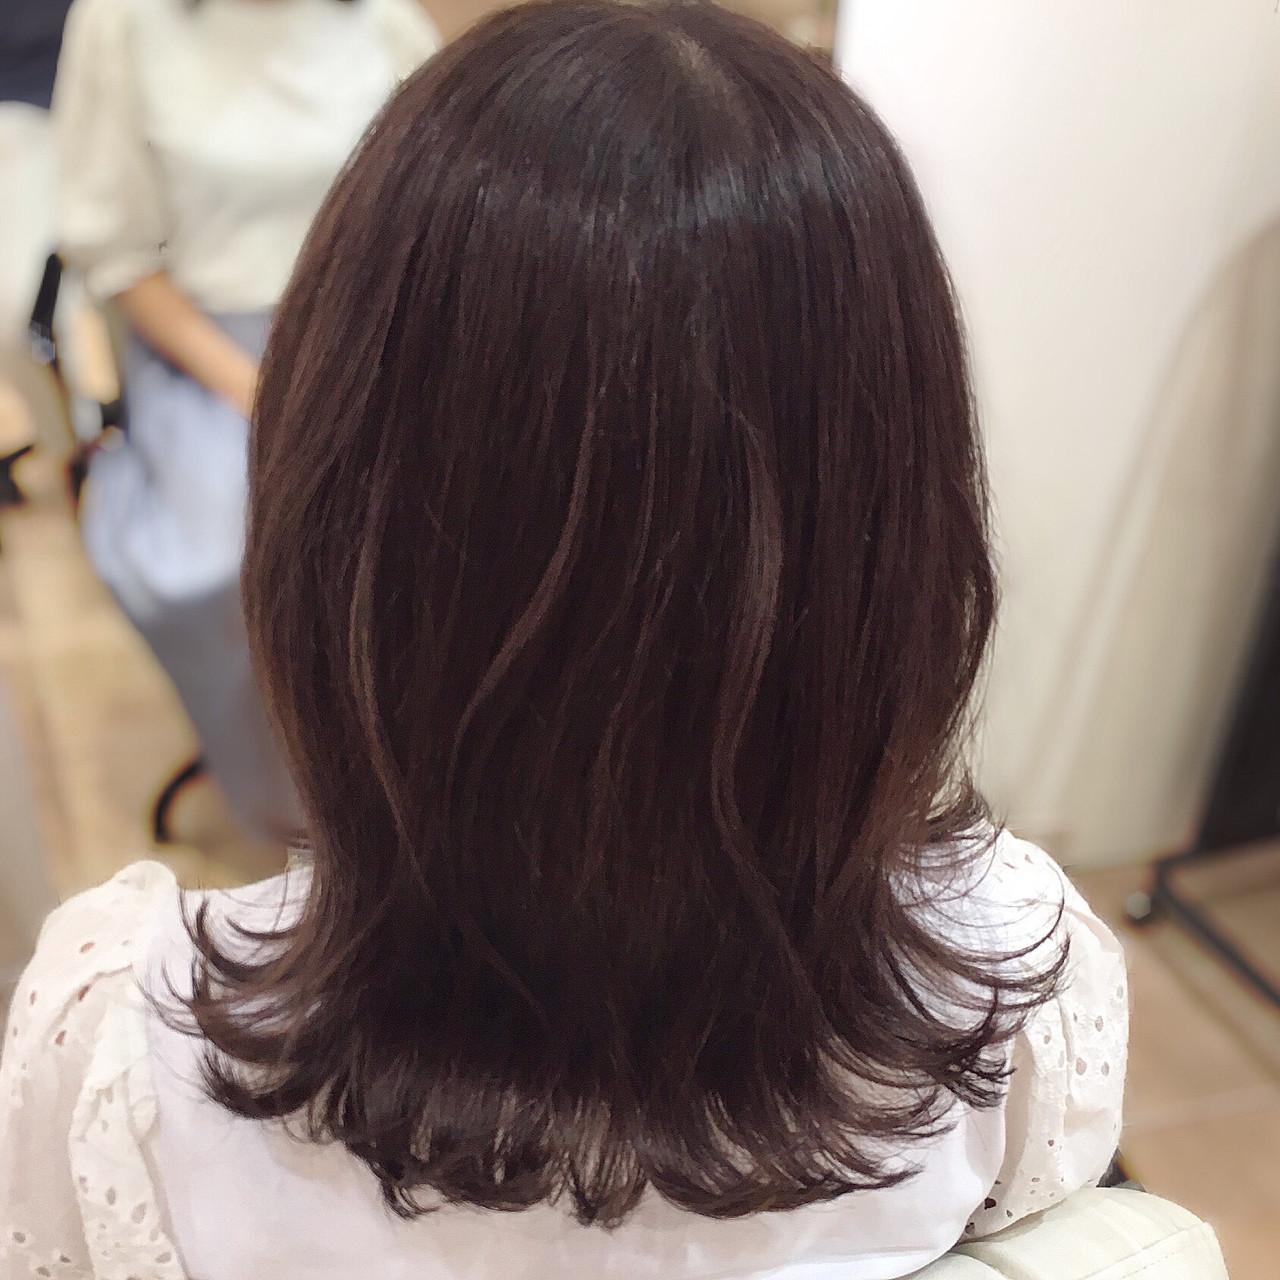 セミロング 可愛い フェミニン ピンク ヘアスタイルや髪型の写真・画像 | 平本 詠一 / fabris